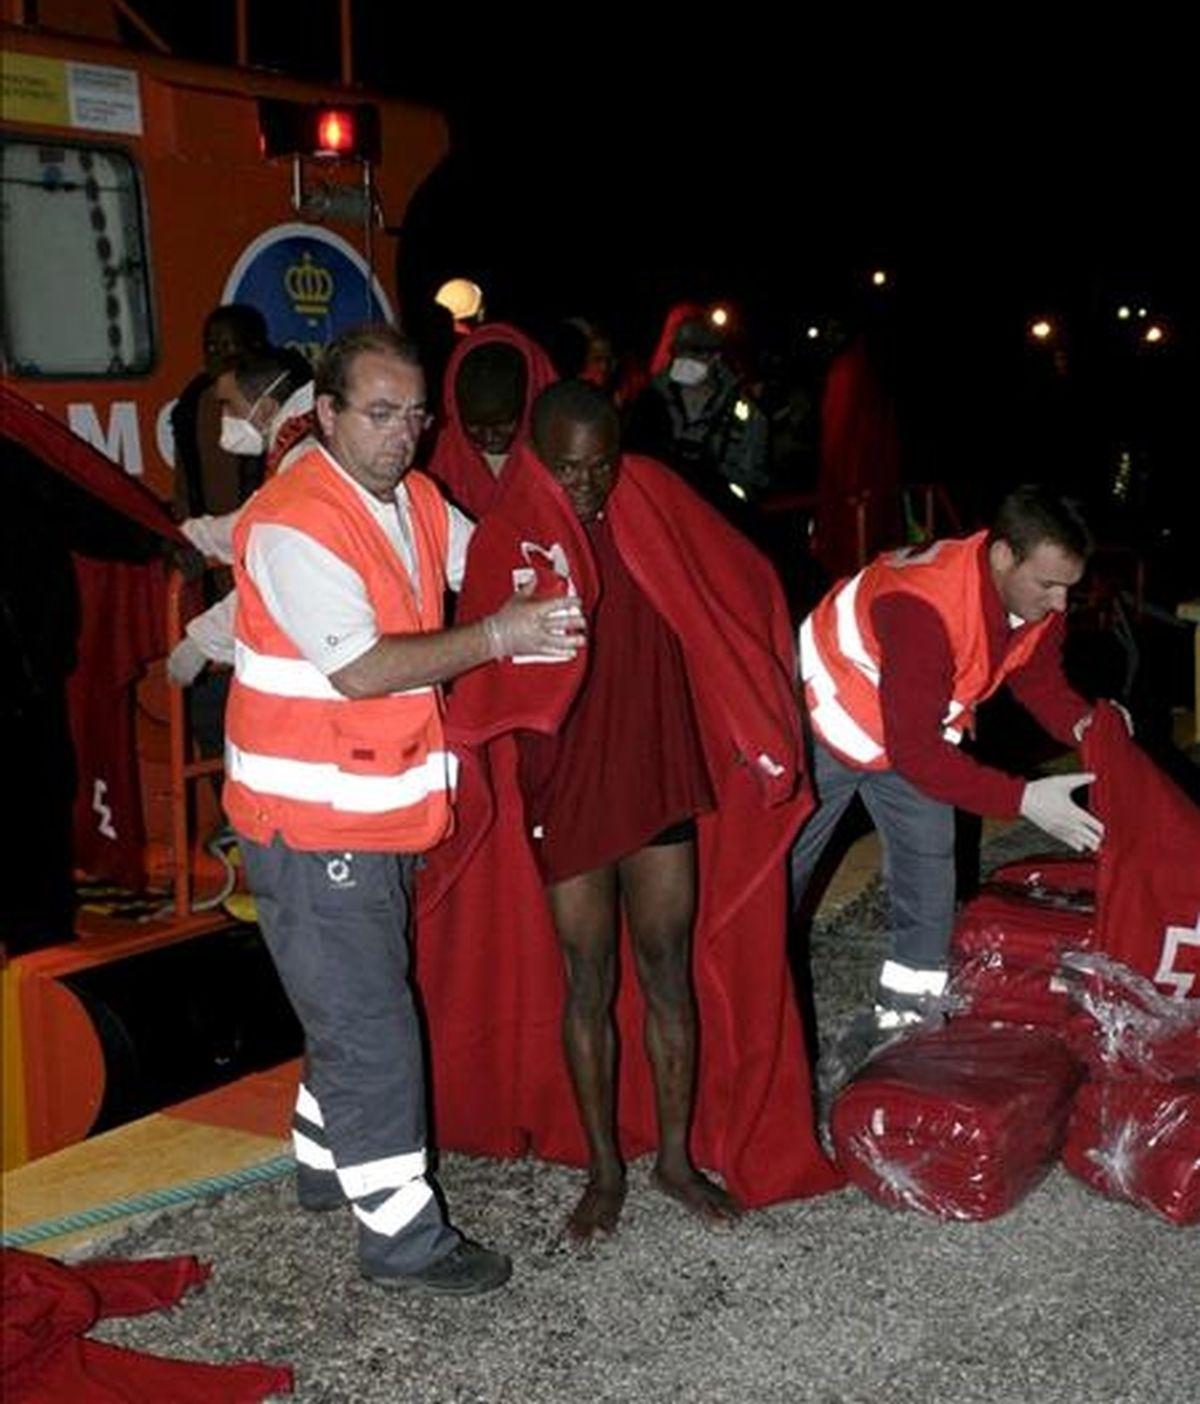 Un miembro de la Cruz Roja ayuda a uno de los 35 inmigrantes de origen subsahariano que viajaban en una patera a la deriva, a unas 30 millas de la costa granadina. EFE/Archivo